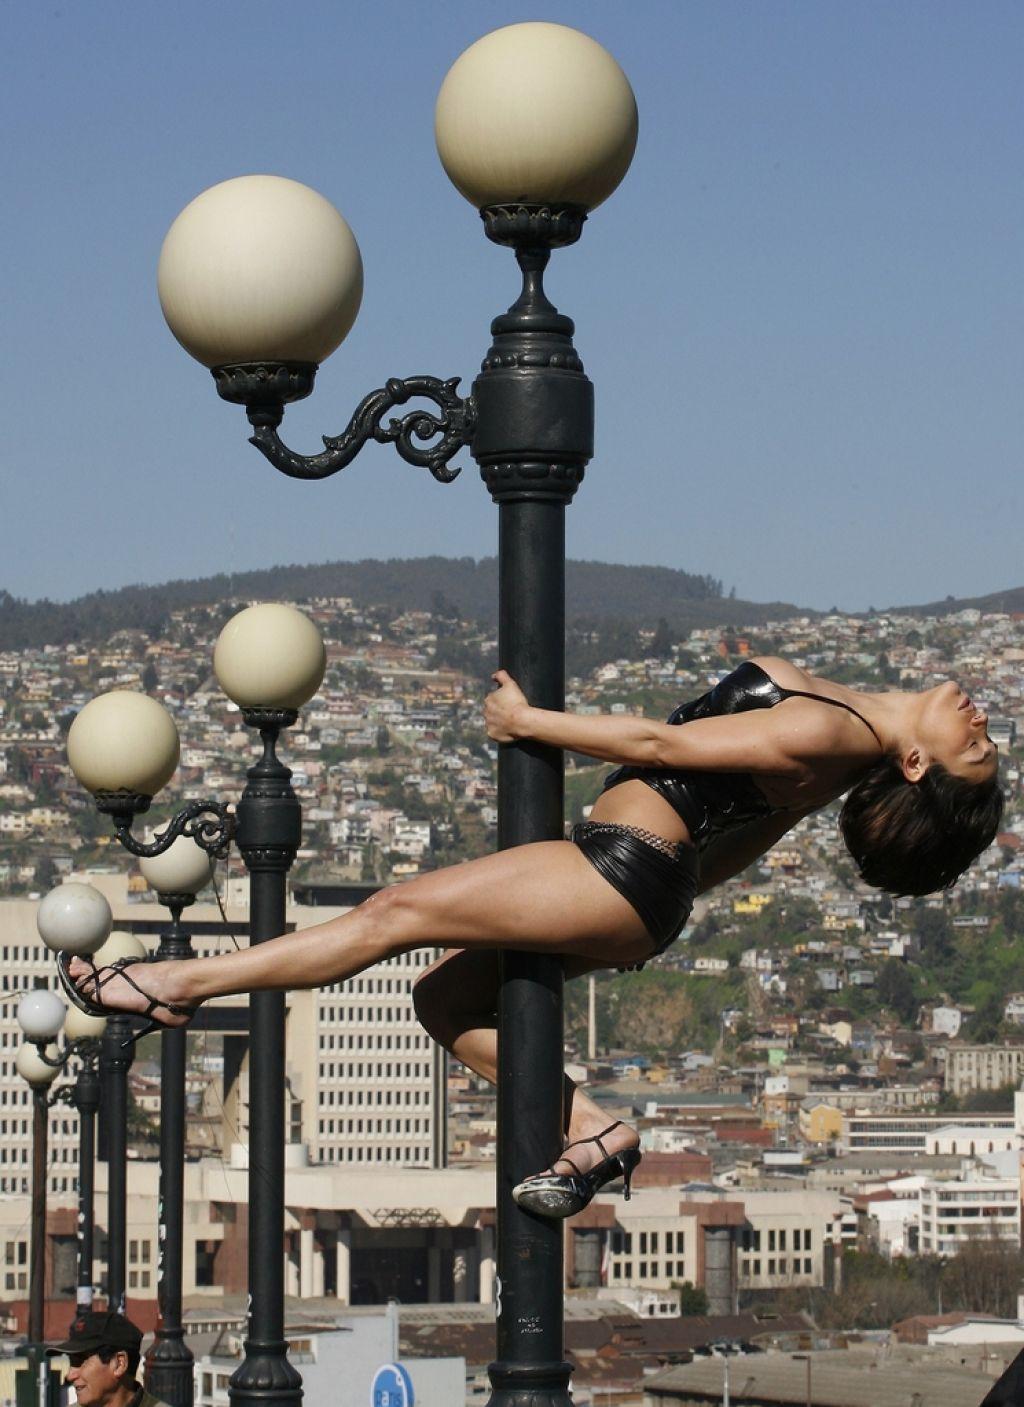 Dominikanske plesalke: Čeprav morajo plačevati, ne vedo, da so žrtve